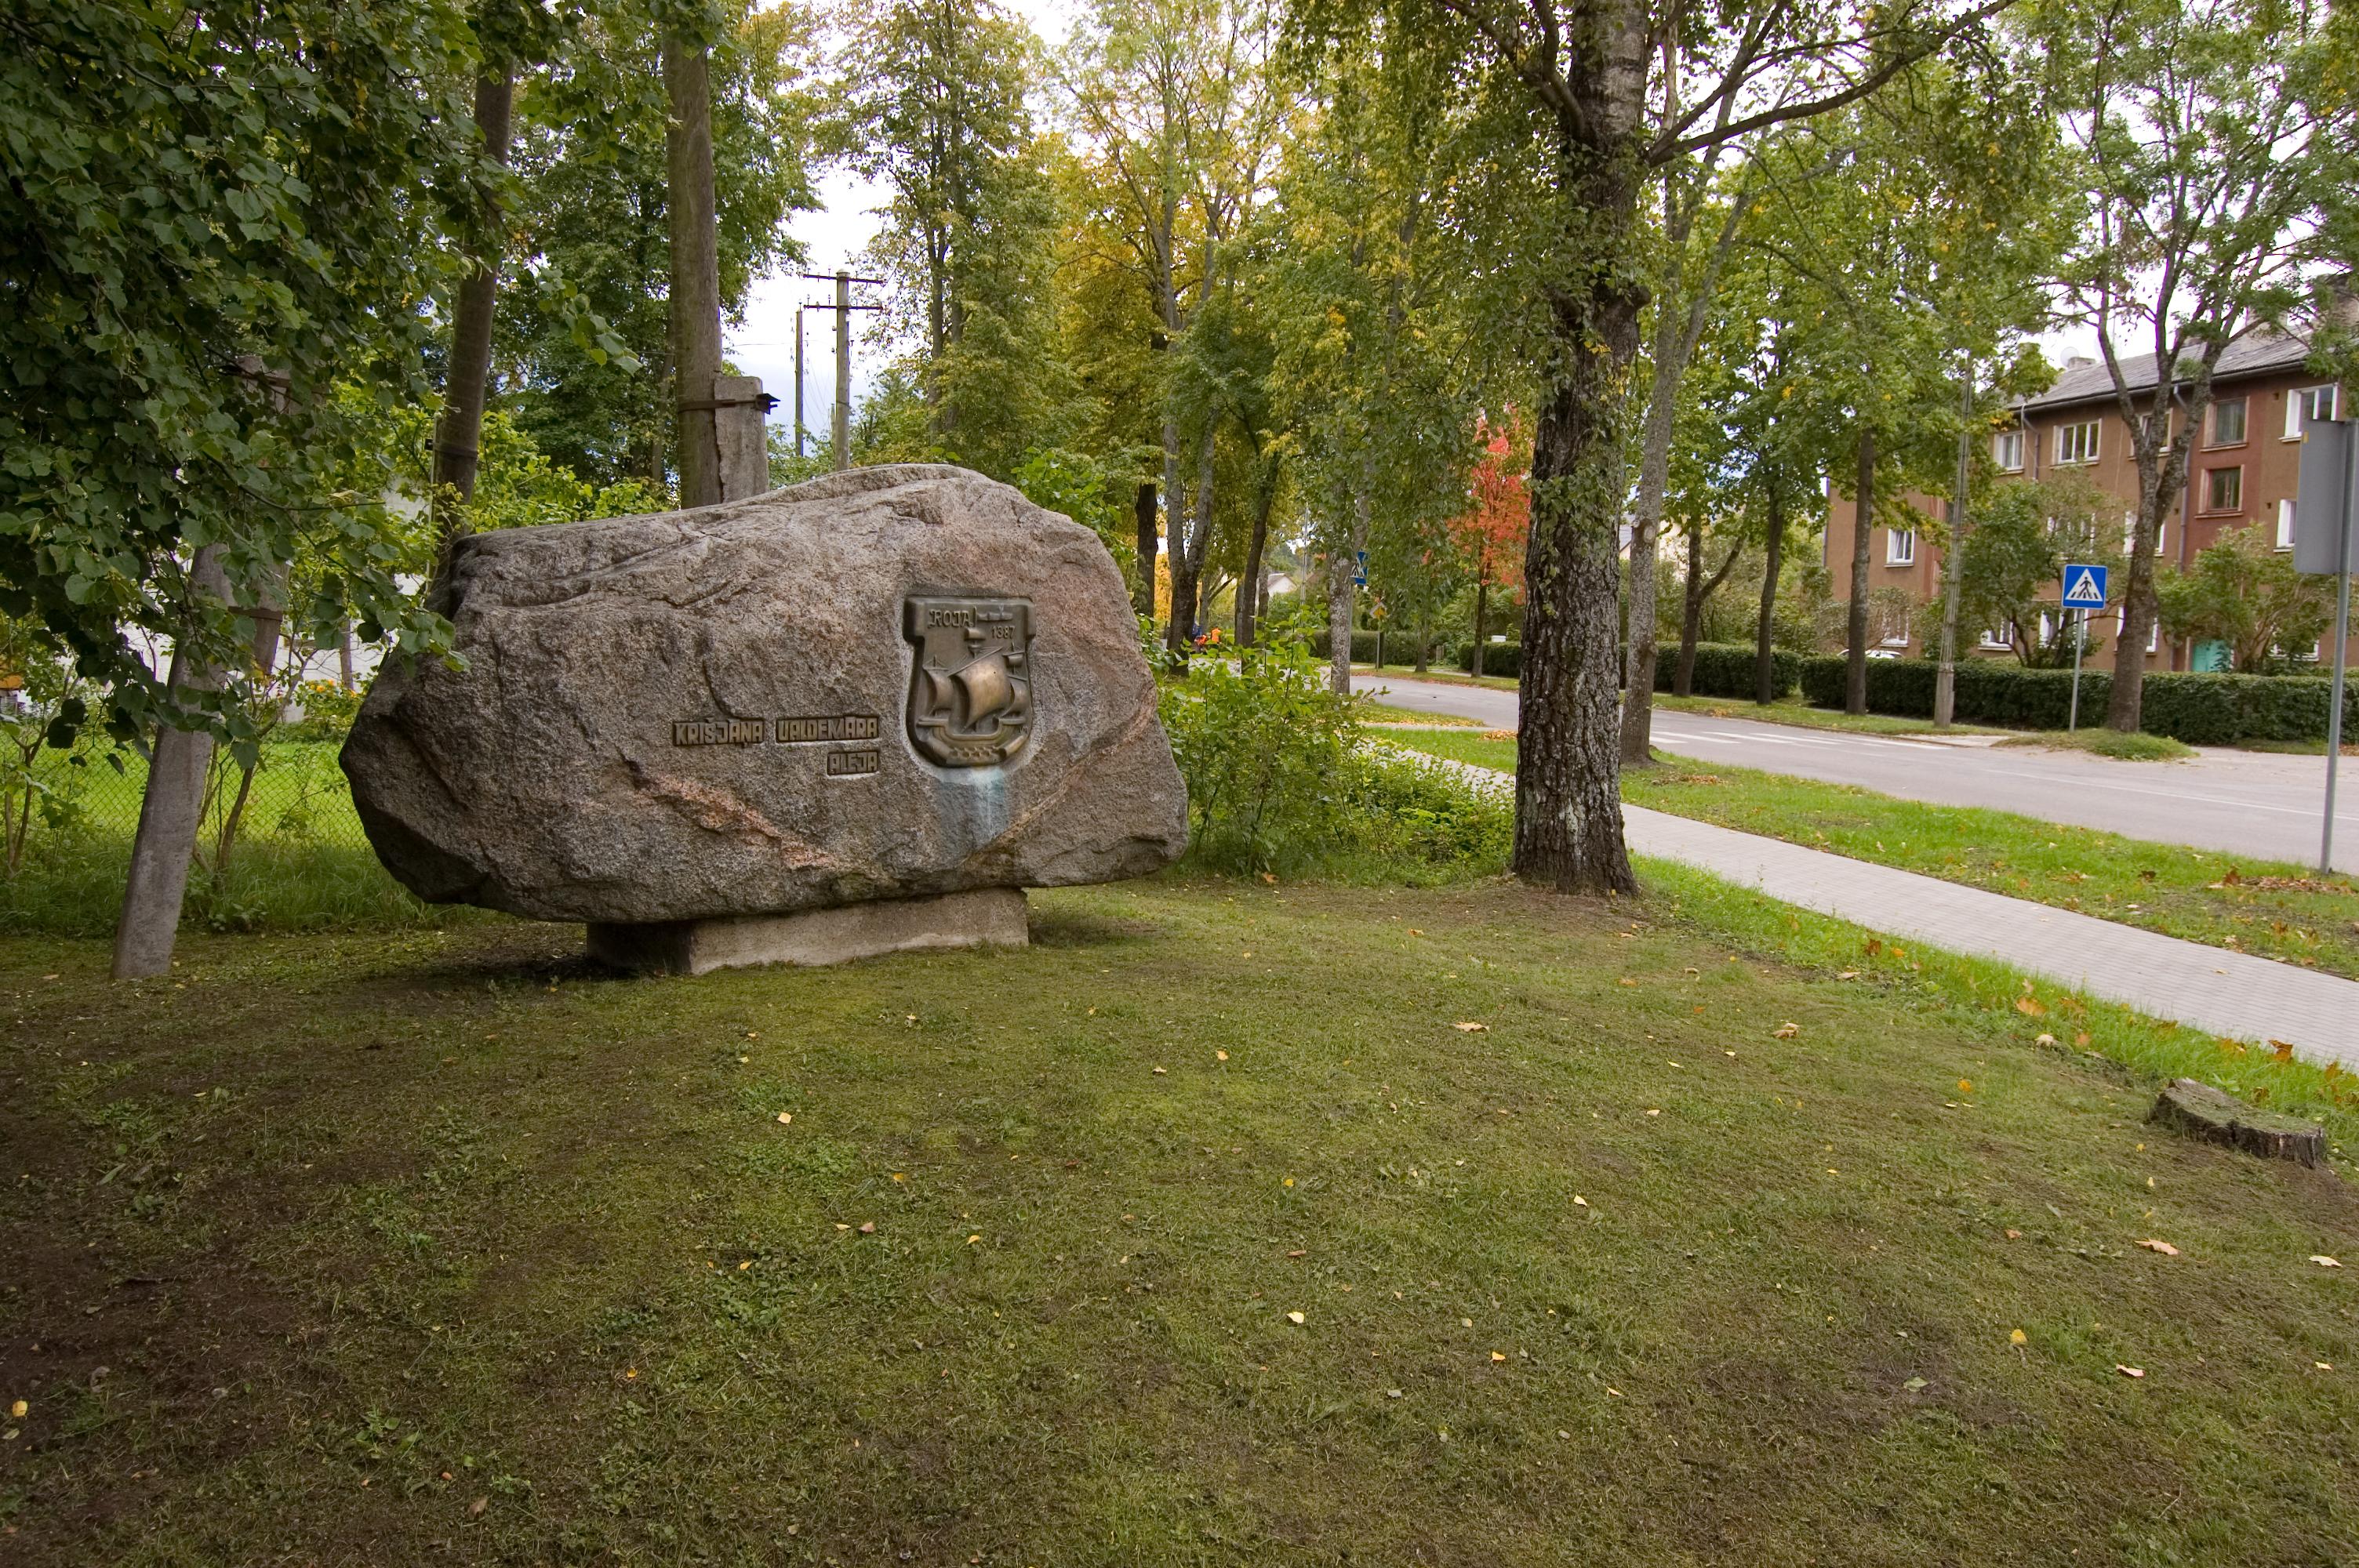 Uz ambulanci no Selgas ielas ved Valdemāra vārdā nosauktā bērzu aleja. Te uzstādīts piemiņas akmens kādreizējai Lubezeres jūrskolai.